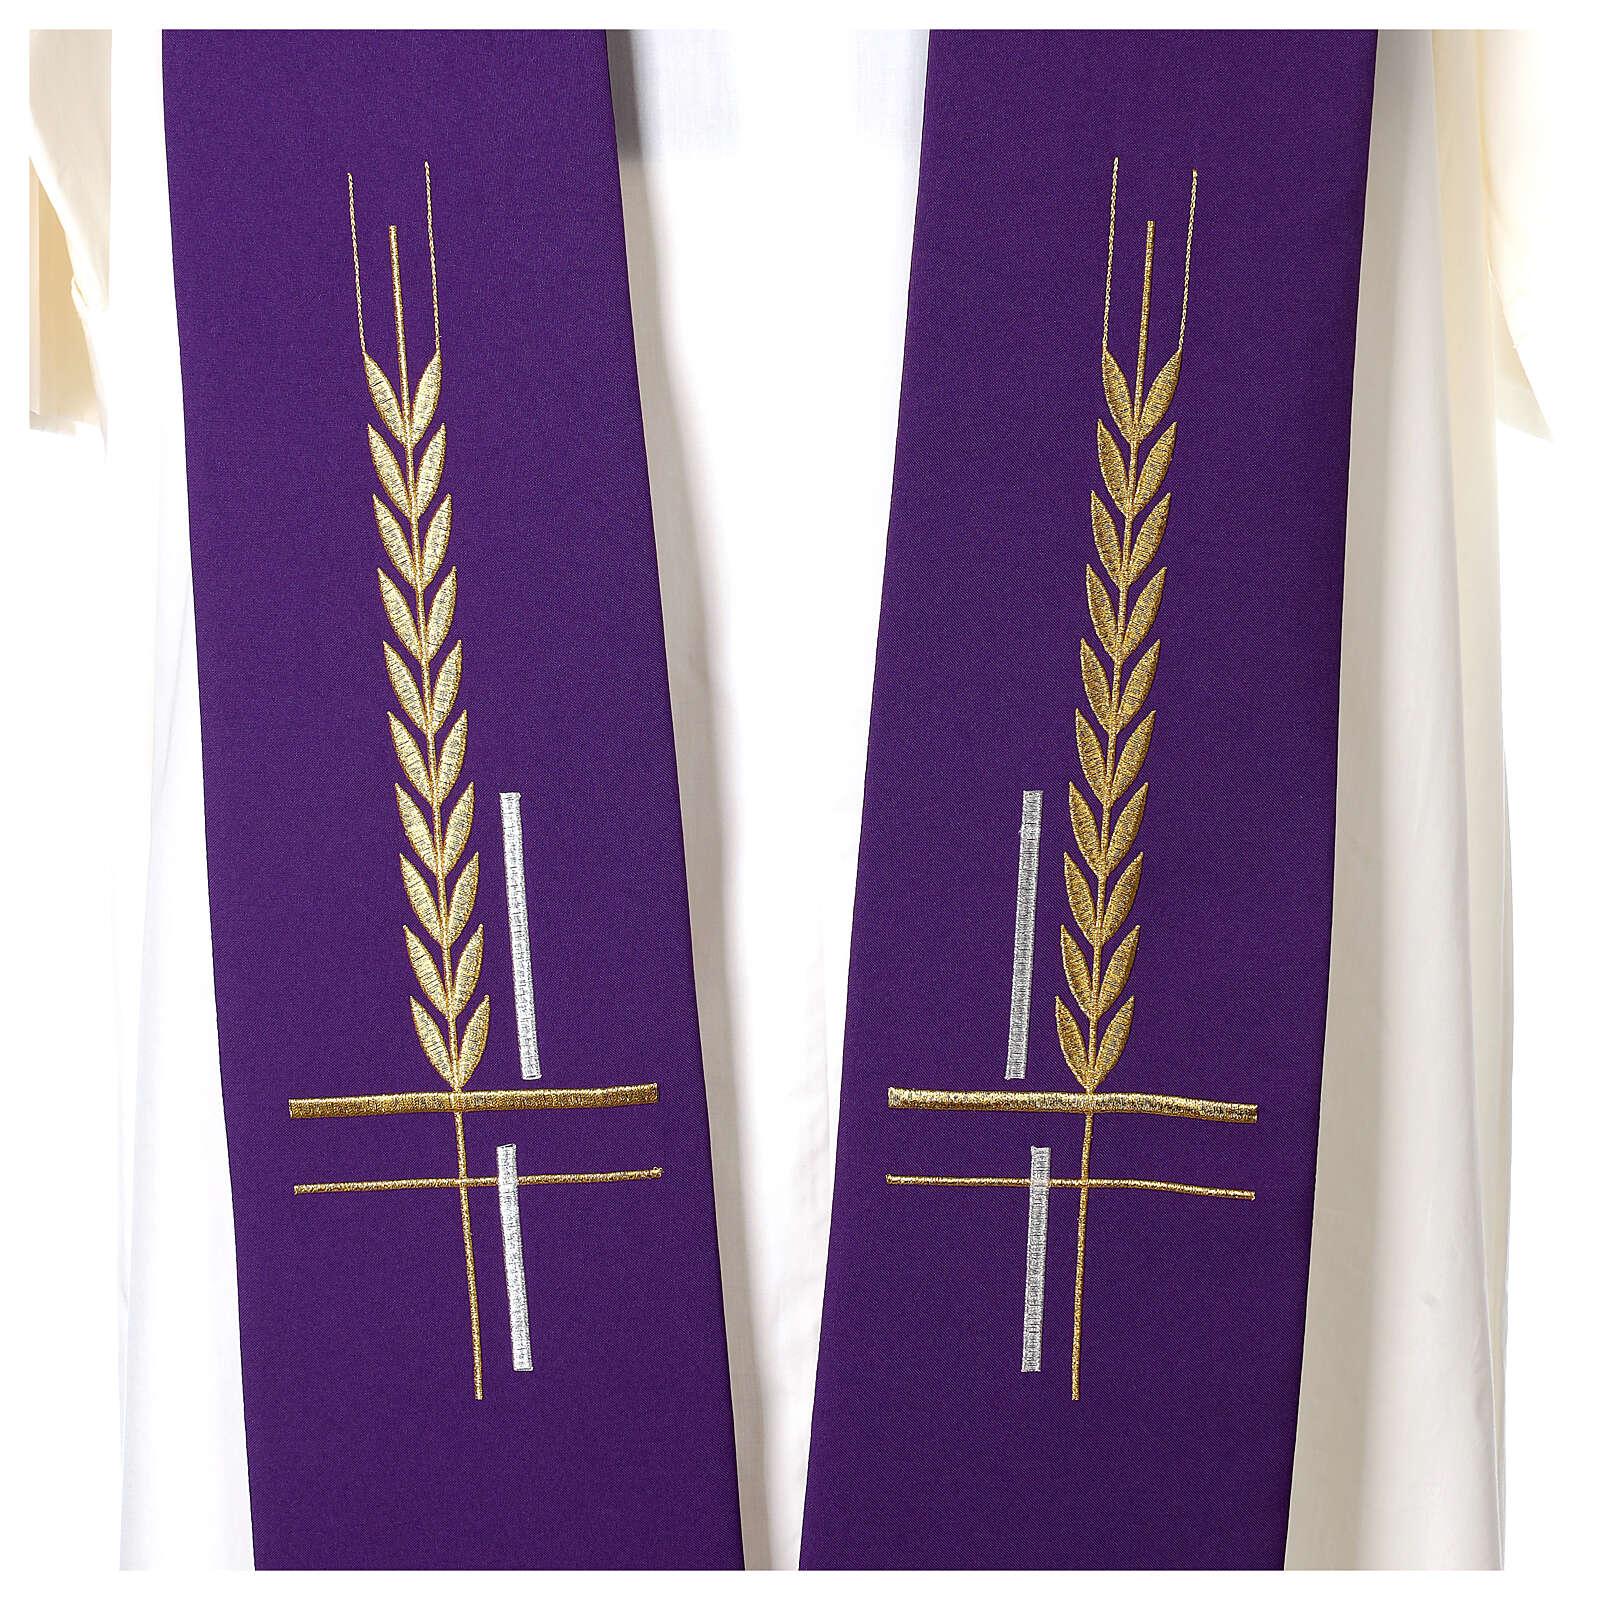 Estolão 100% poliéster bordado cruz trigo 4